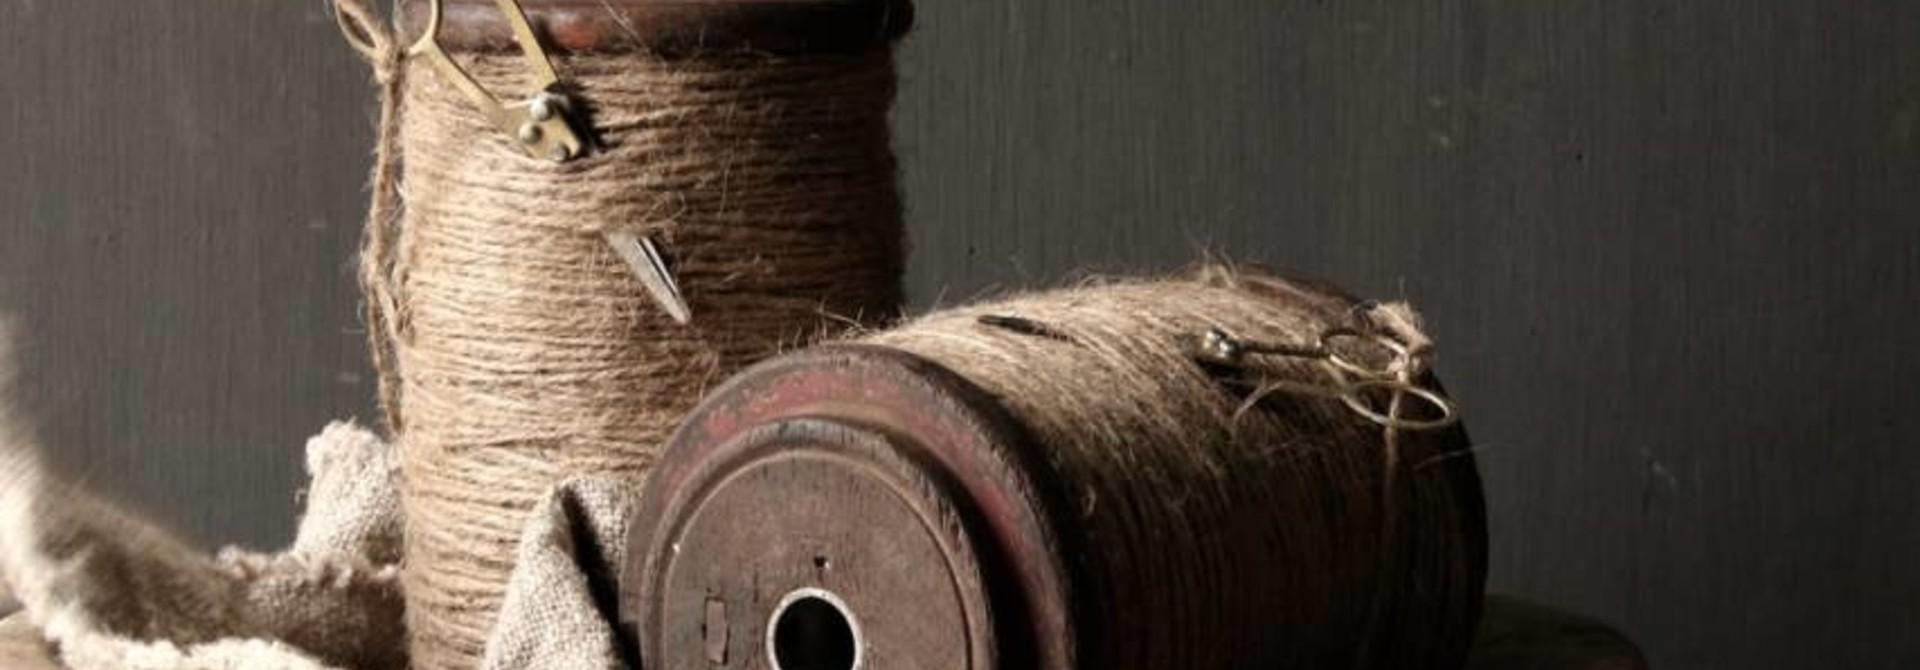 Hölzerne XL-Spule mit Seil und Schere